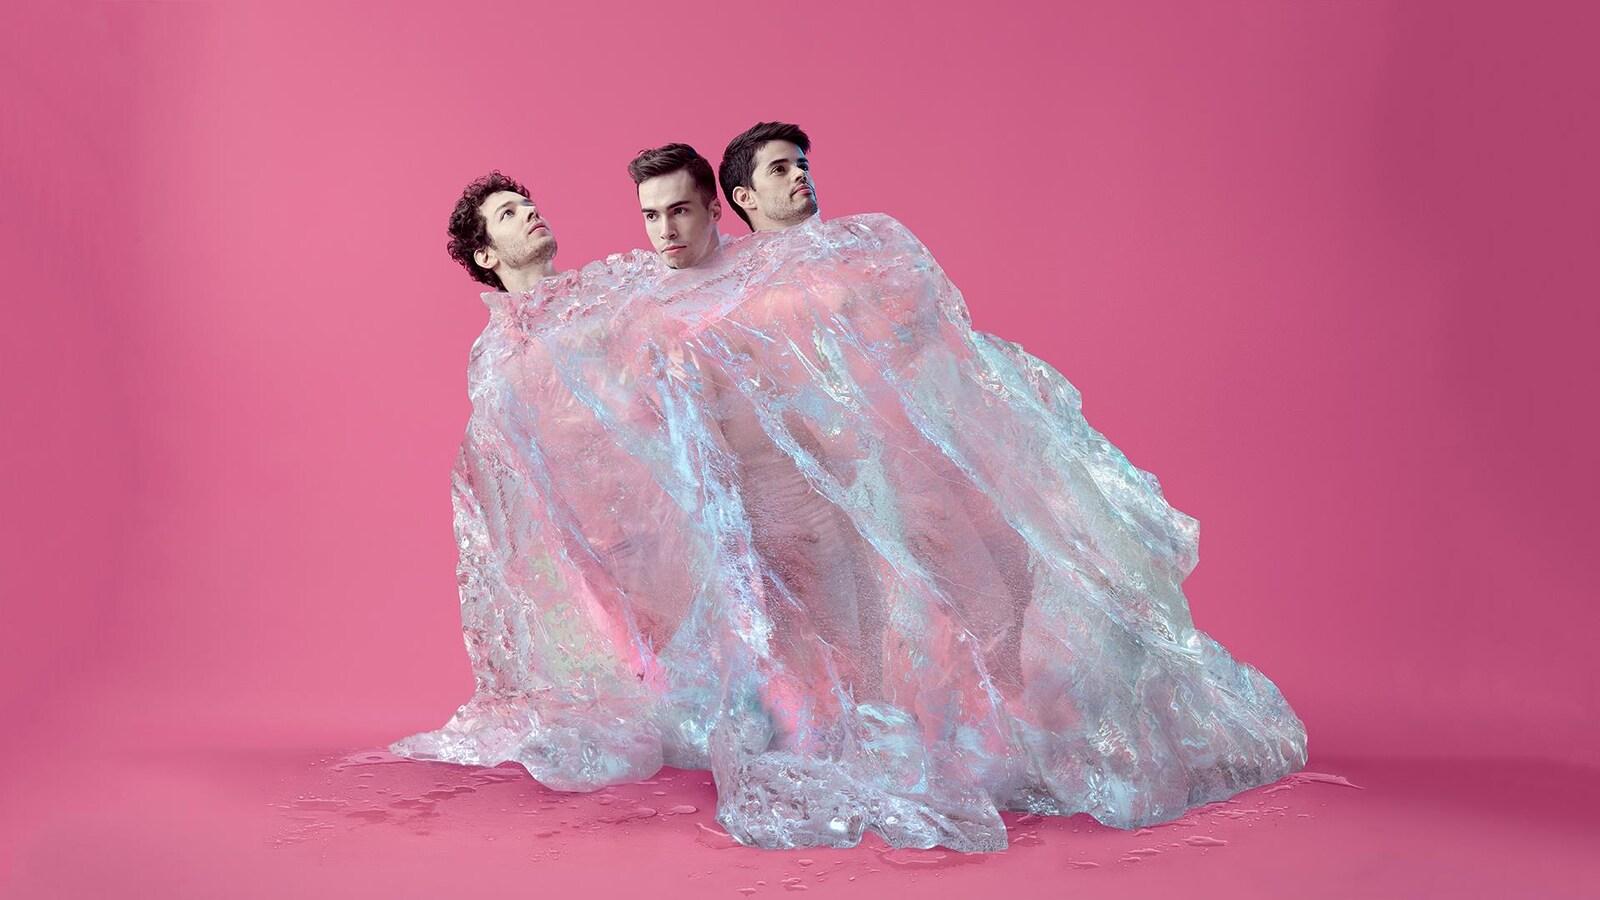 Les danseurs James Lyttle, Matthew Duff et Ruben Julliard sont enveloppés d'une matière en plastique